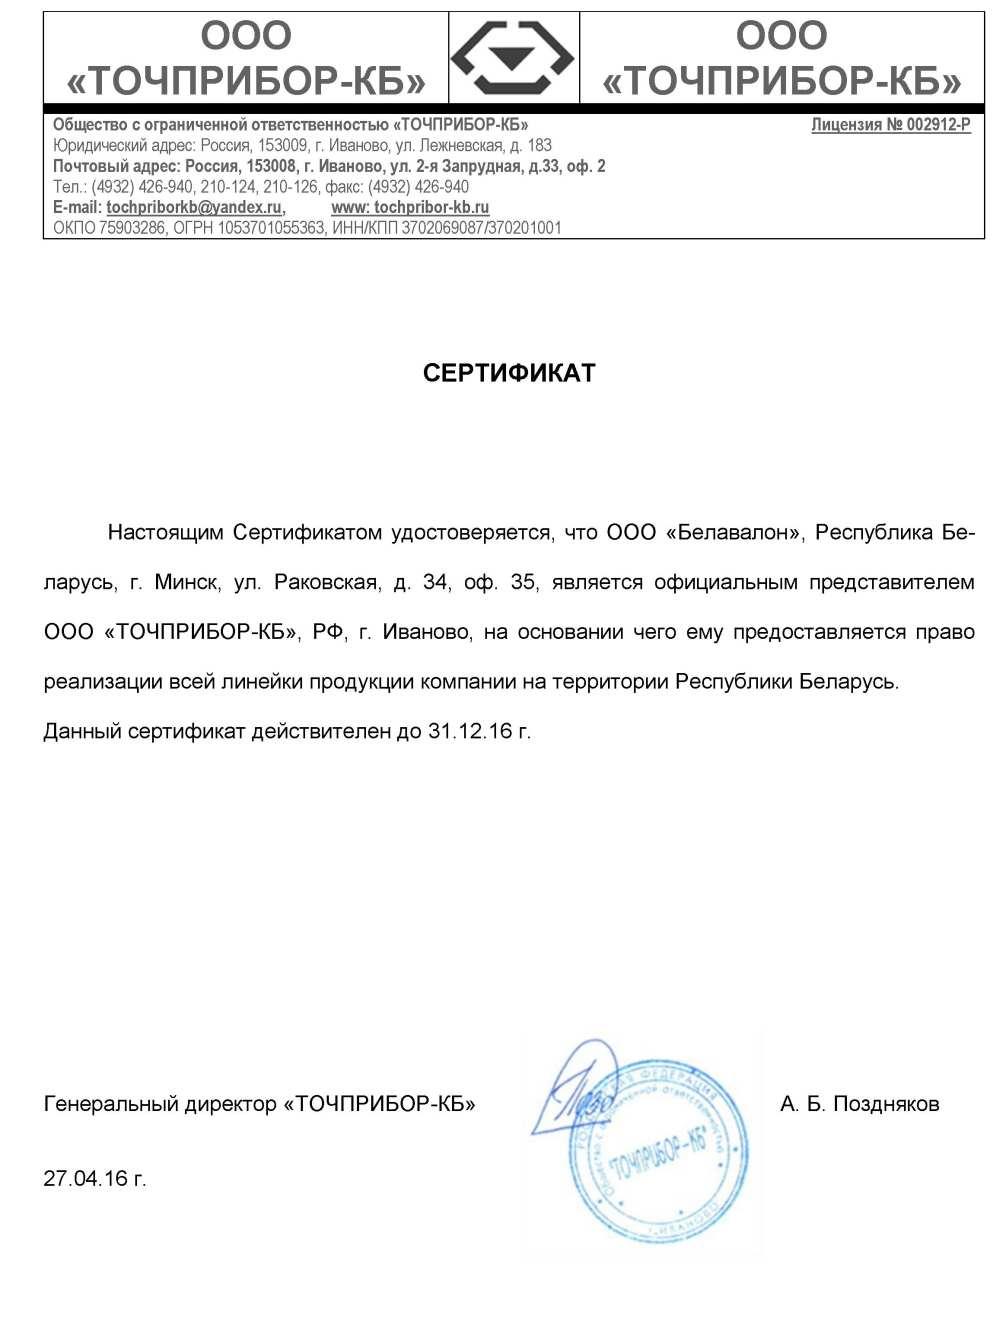 11.7. ООО «Точприбор-КБ»